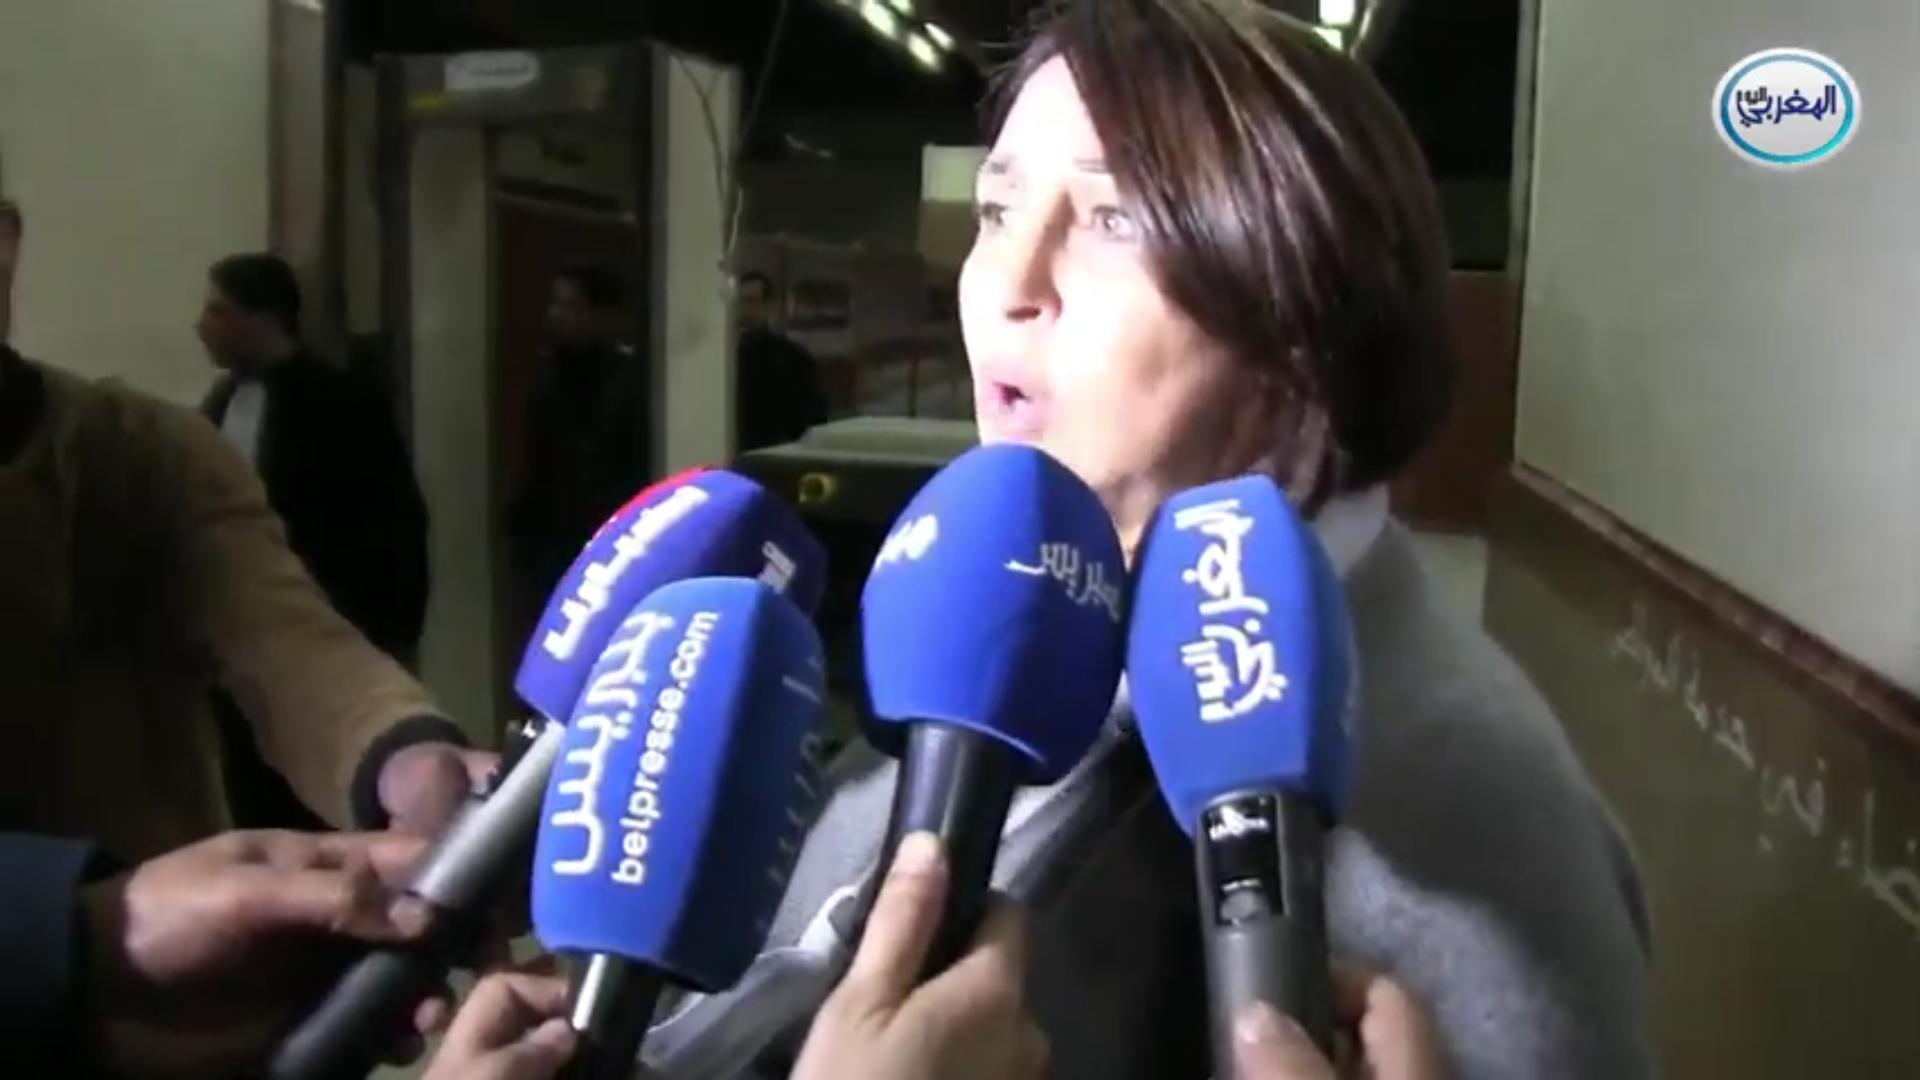 نبيلة منيب تعلق على الأحكام الصادرة ضد معتقلي الريف + فيديو